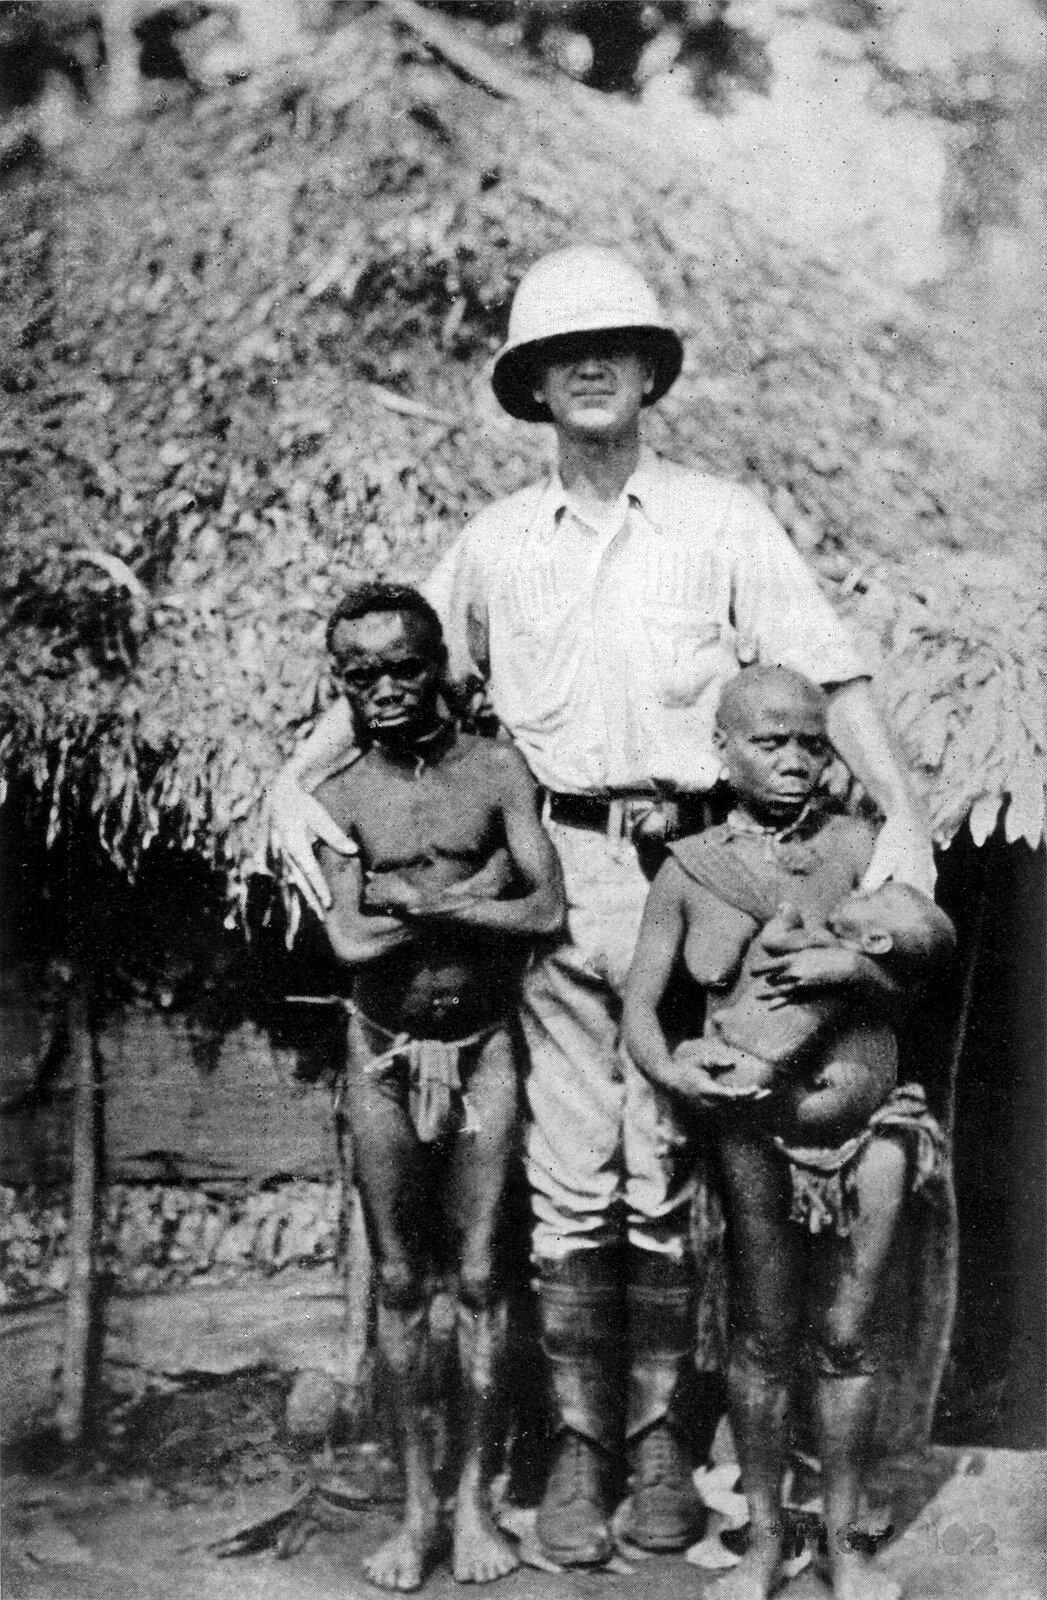 Badacz europejski wśród afrykańskich pigmejów Źródło: Badacz europejski wśród afrykańskich pigmejów, 1921, Collier's New Encyclopedia, Volume 1, domena publiczna.